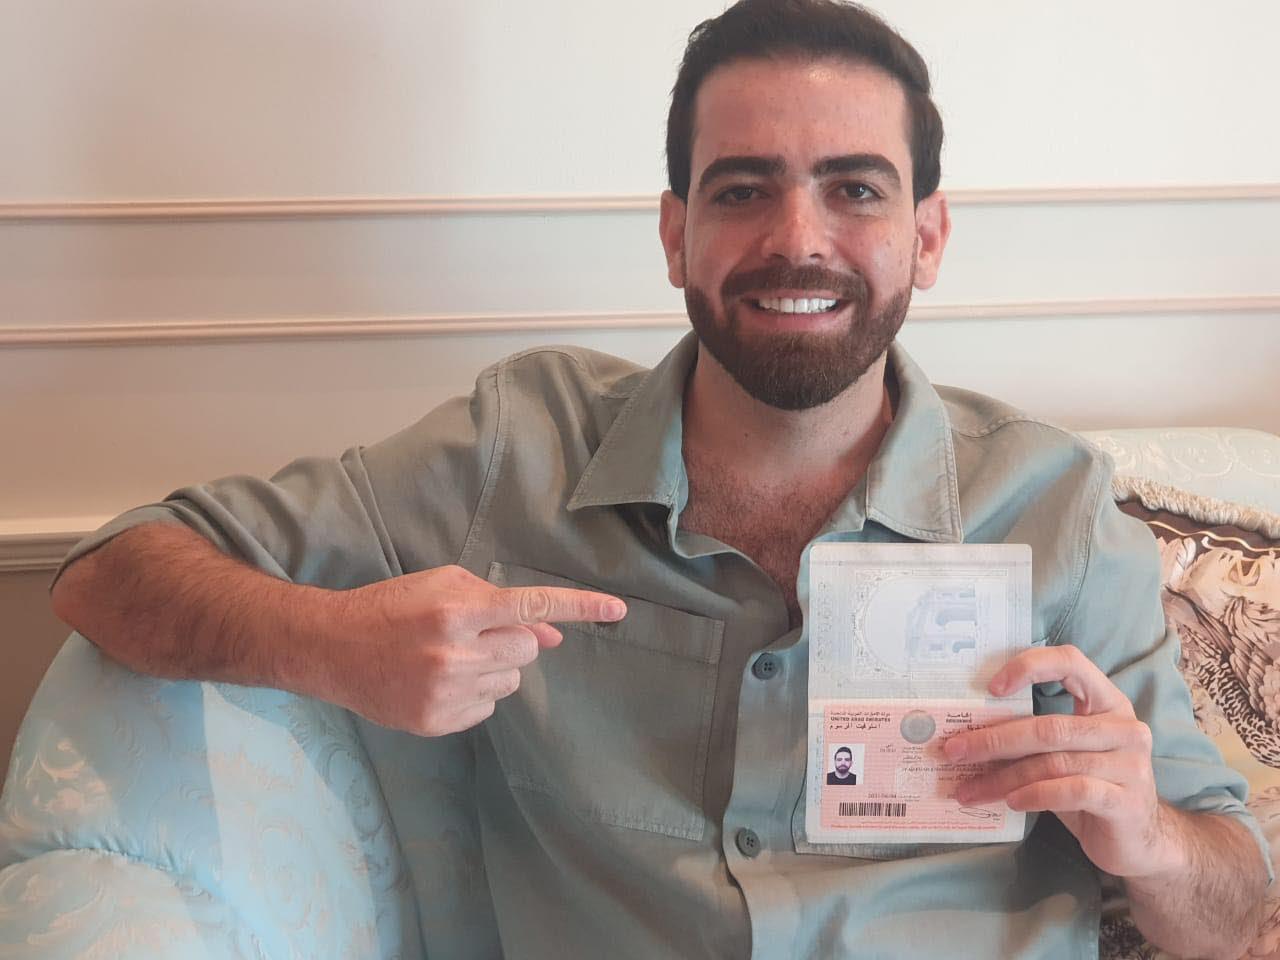 الإقامة الذهبية لـ إياد النقيب في الإمارات